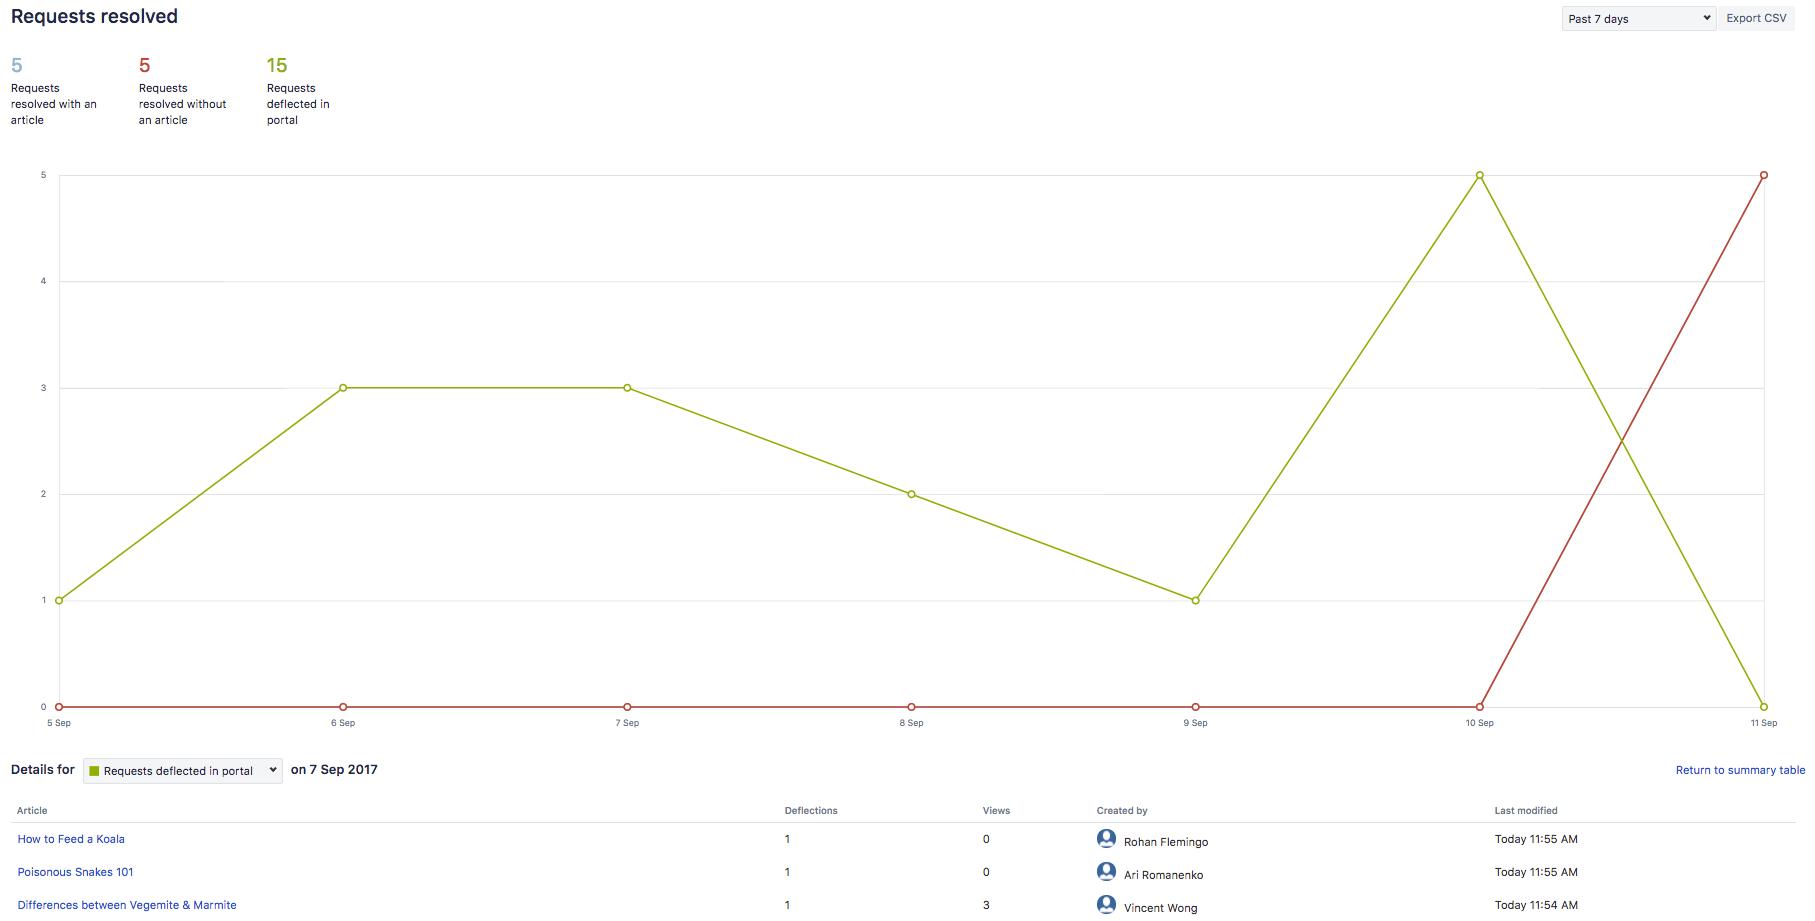 Grafiek voor opgeloste aanvragen